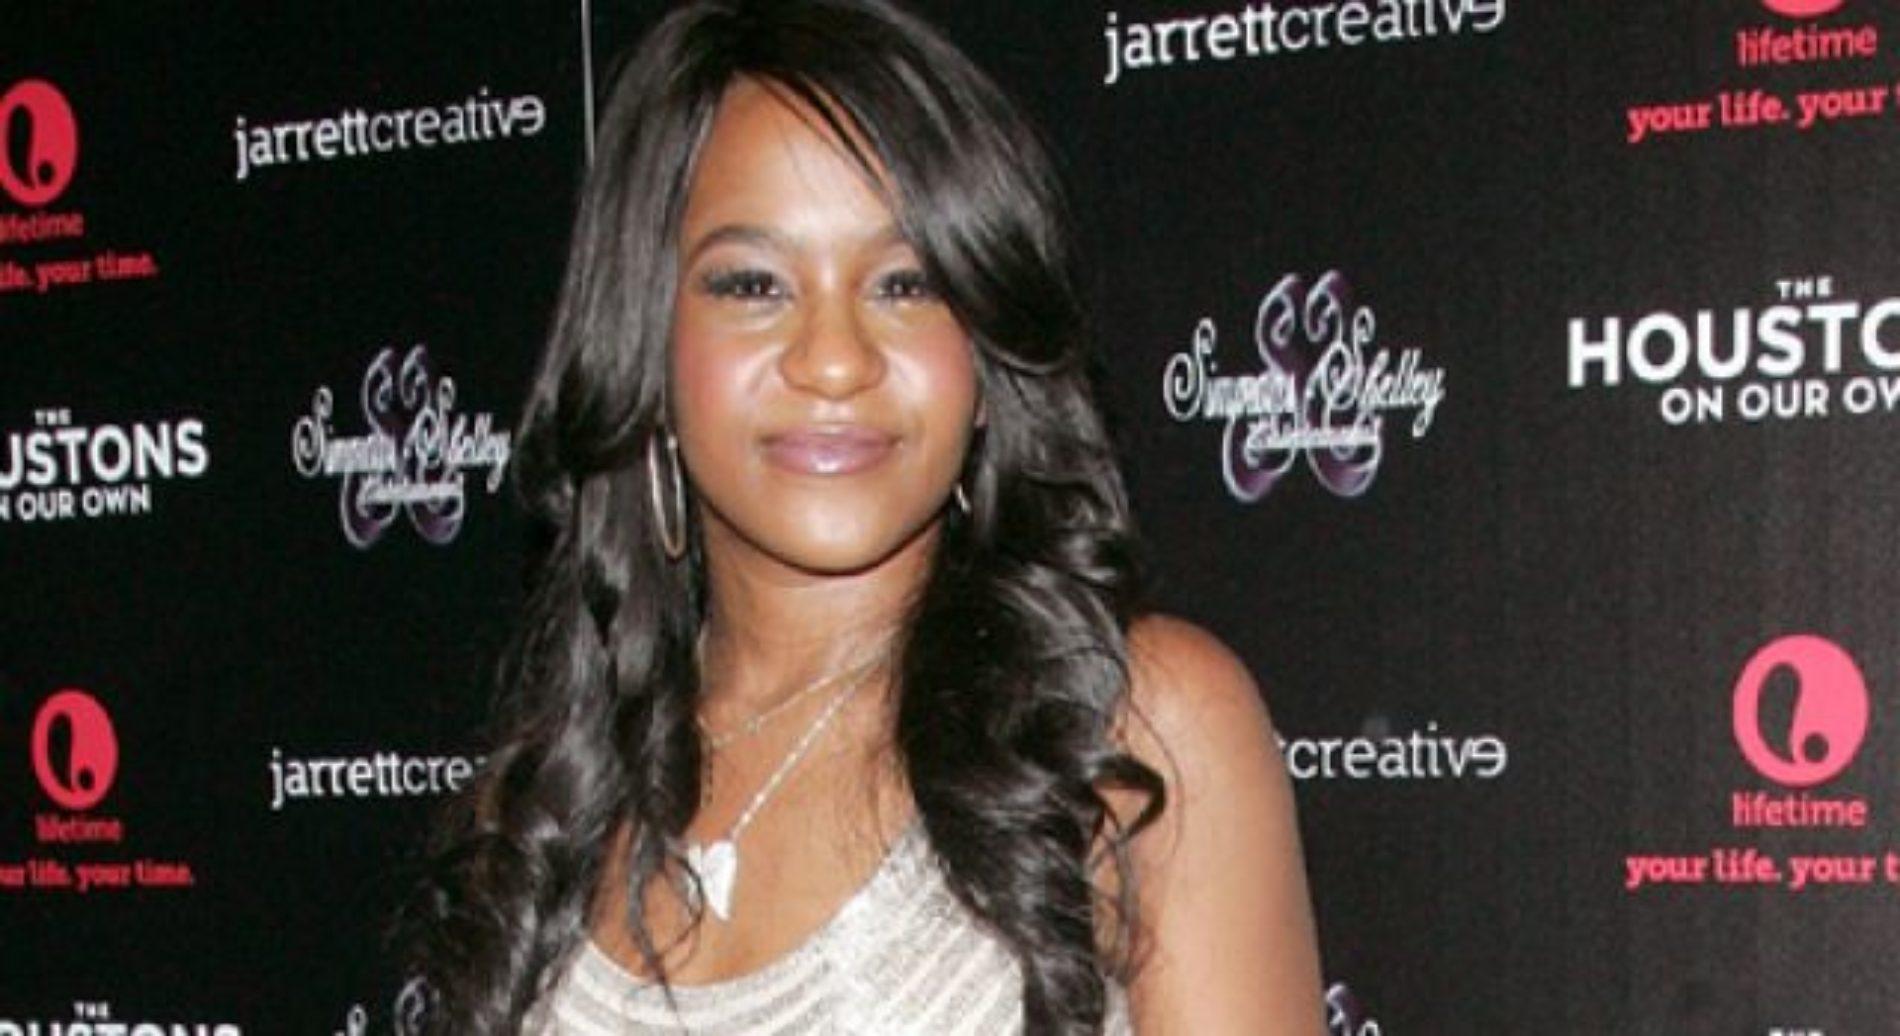 Bobbi Kristina Brown, daughter of Whitney Houston, passes away at 22